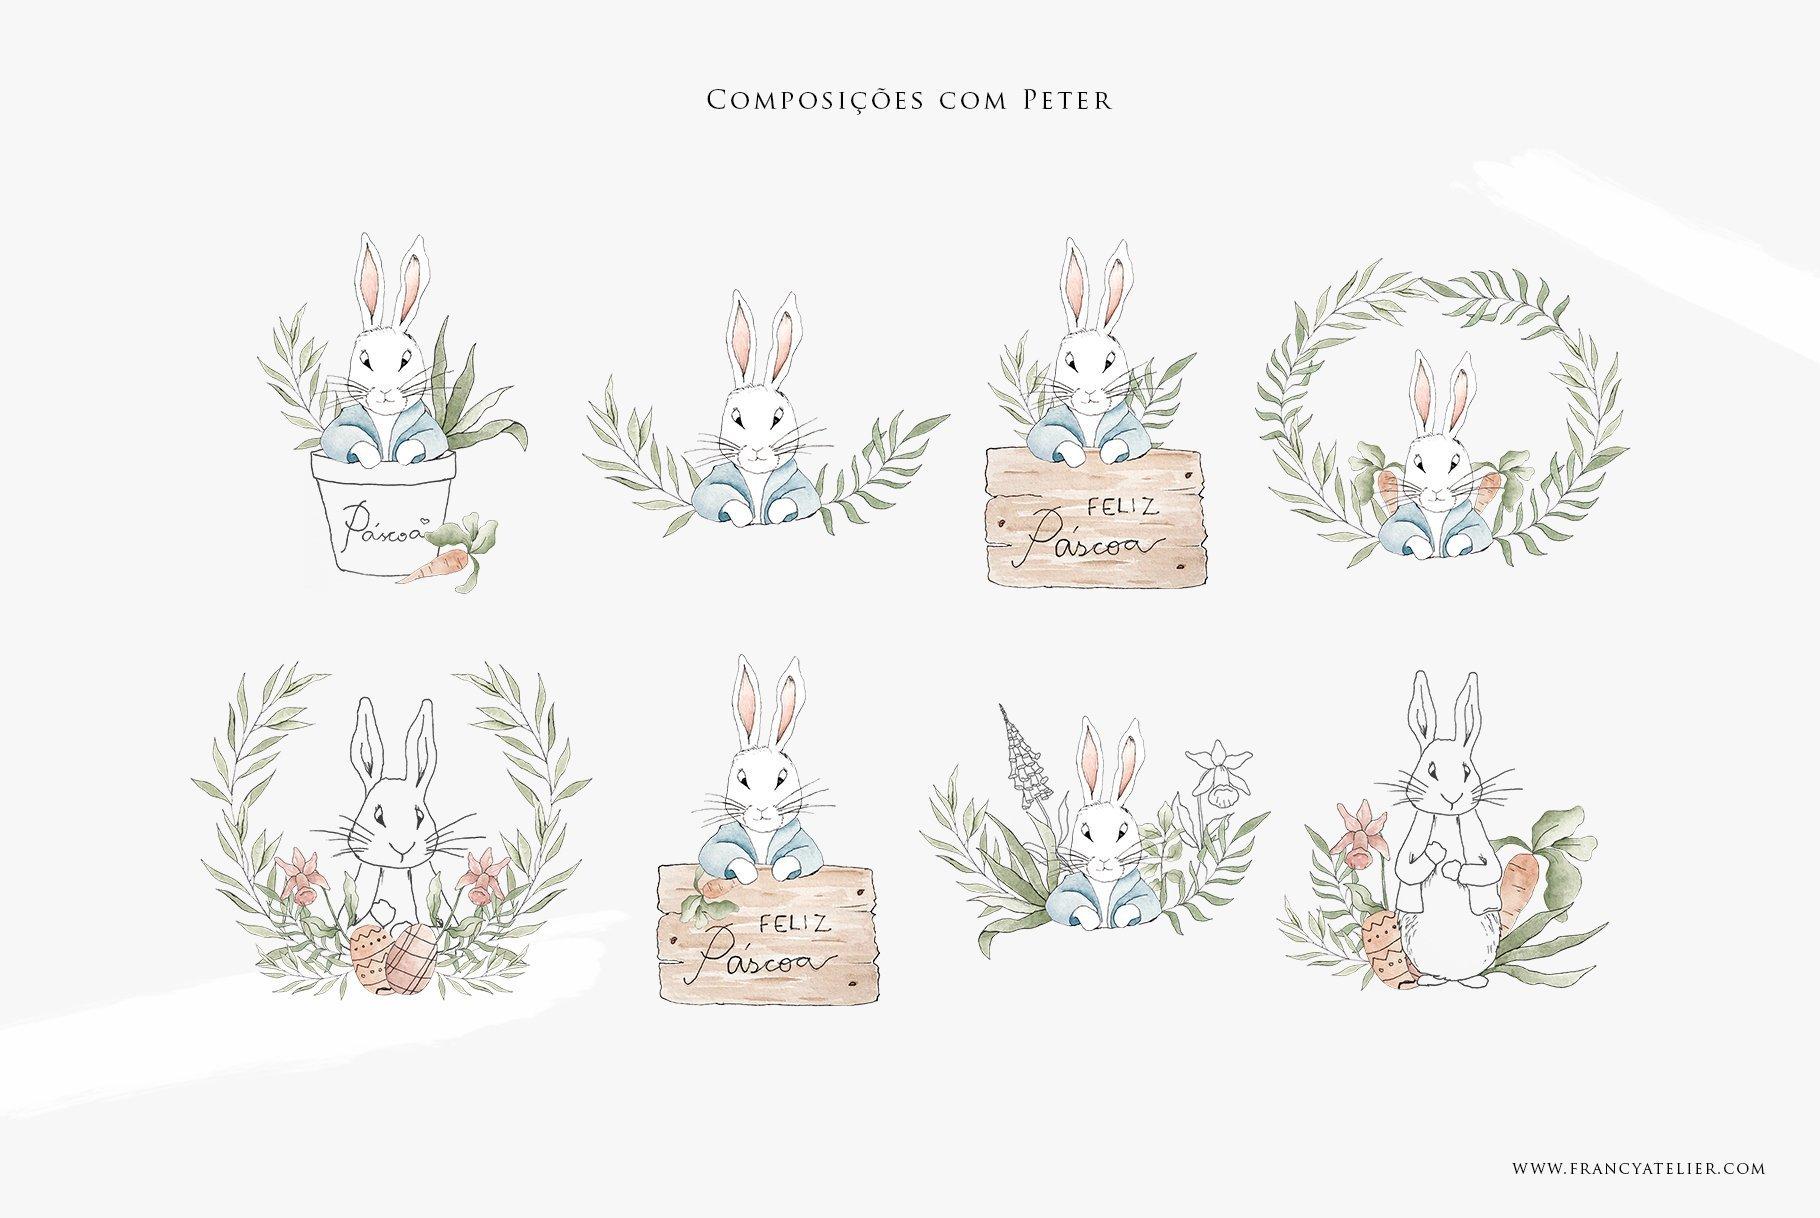 Composições com Peter